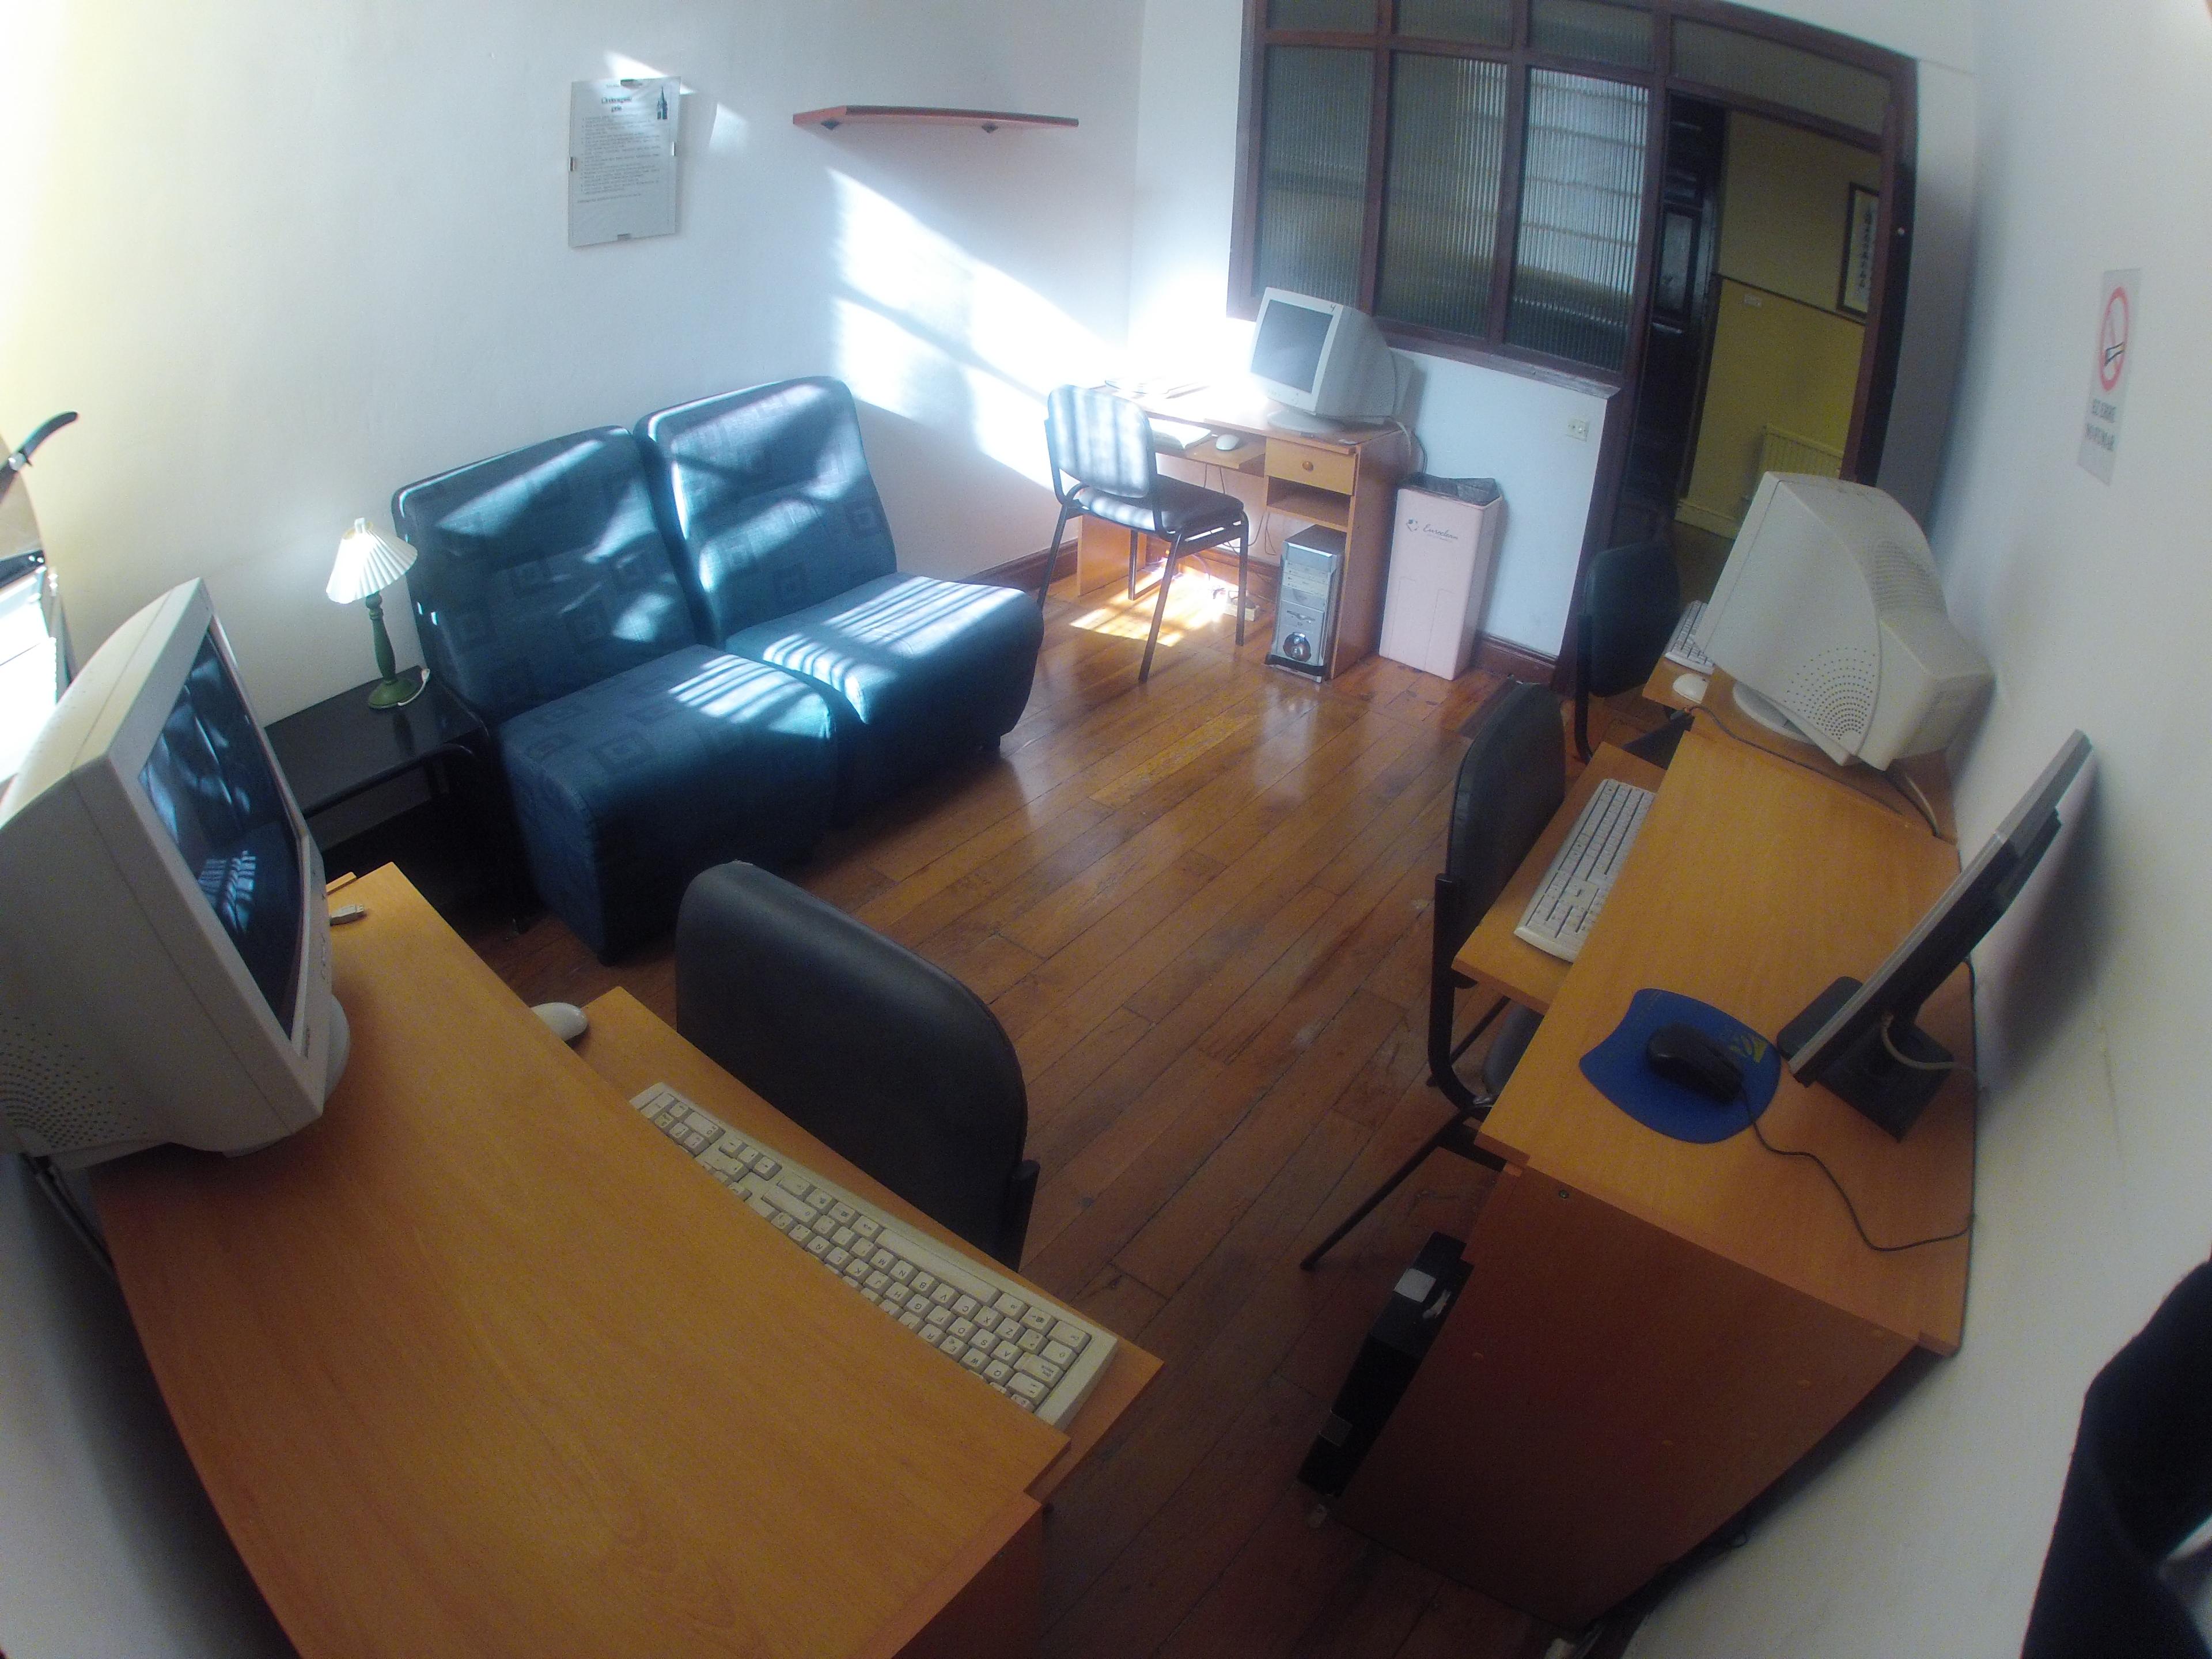 Residencia Universitaria SAN JOSE - Sala ordenadores